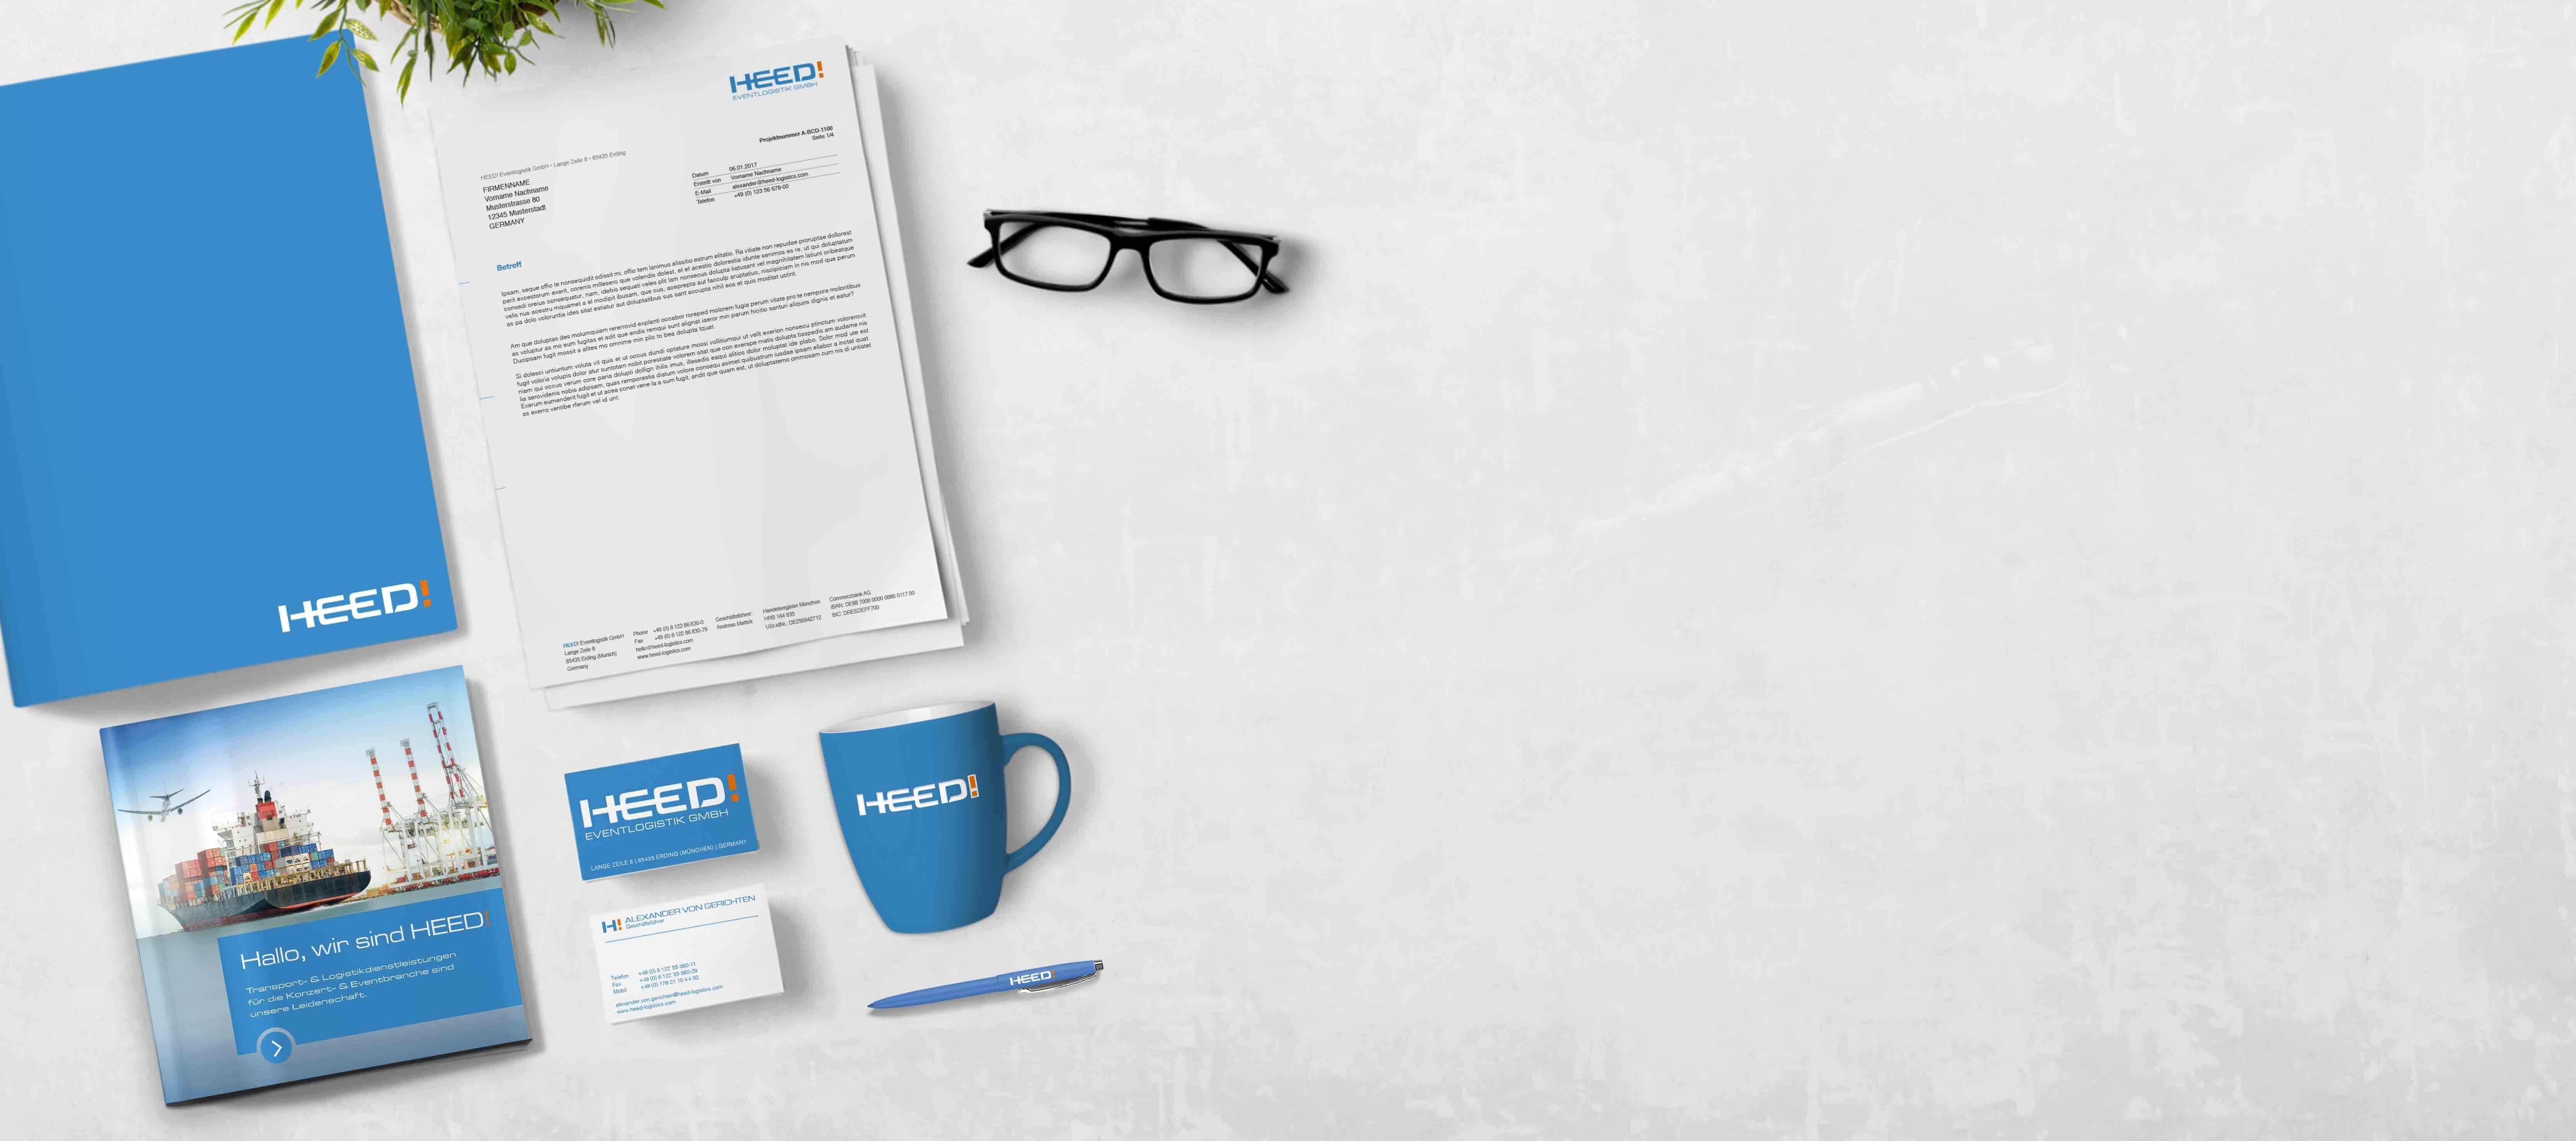 Corporate Design-Prozess: Gestaltung von Kommunikationsmitteln